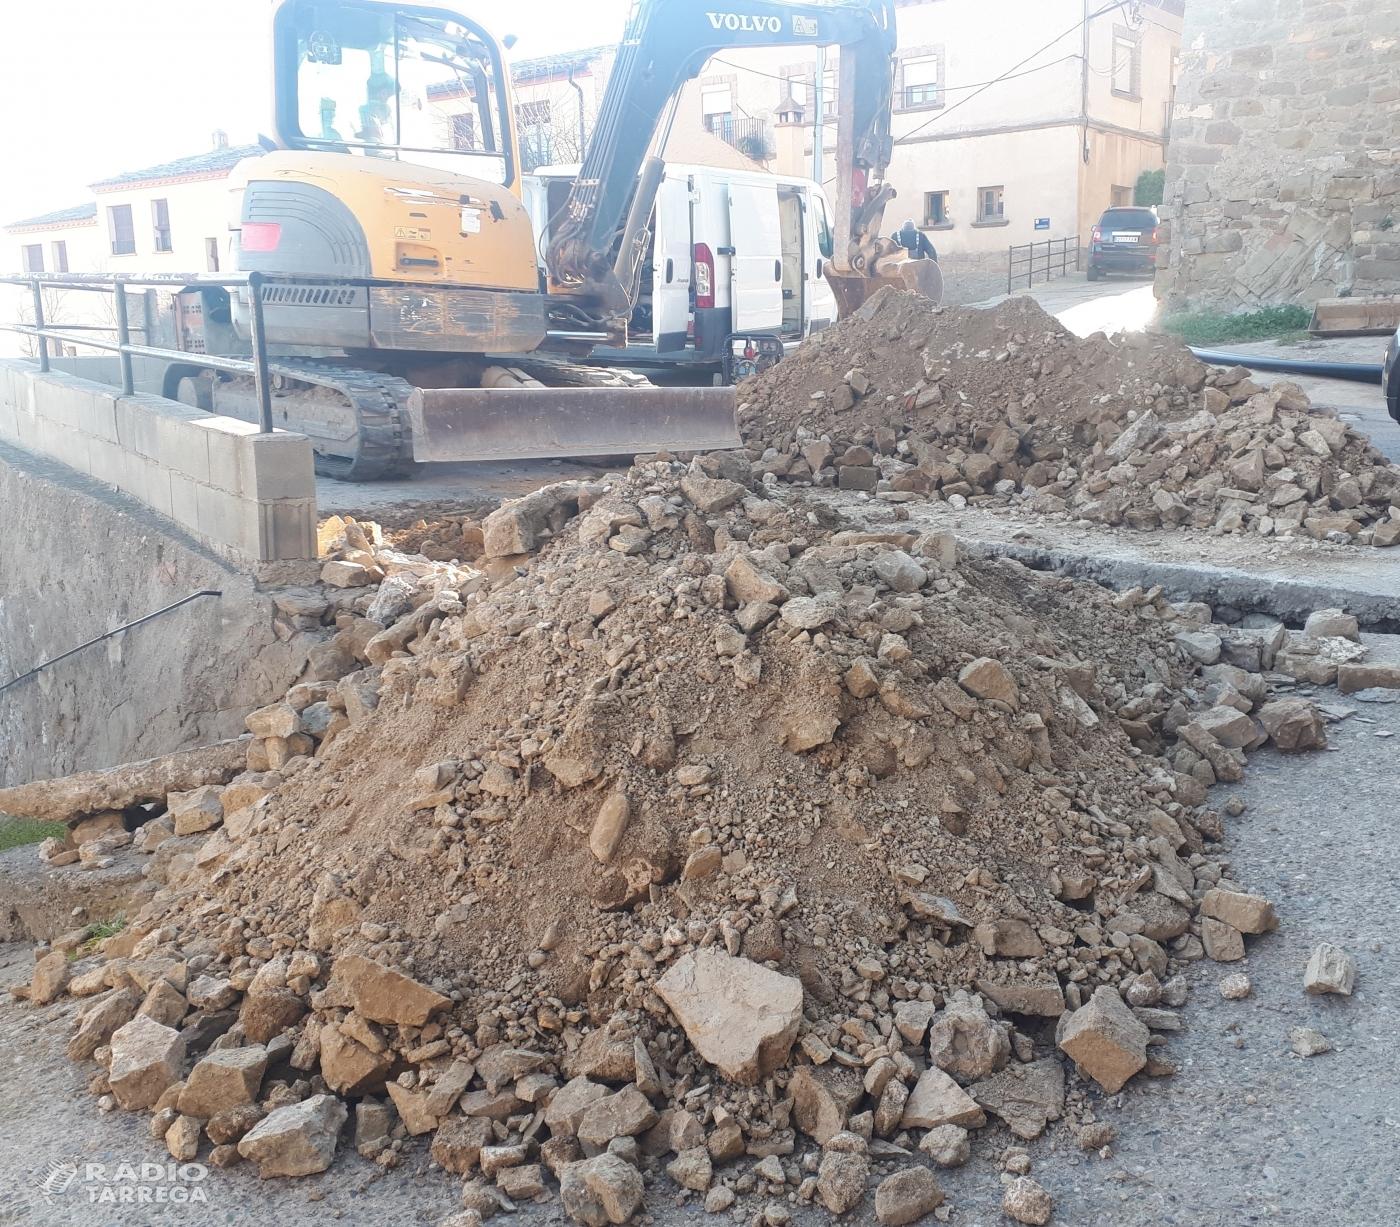 Inici de les obres del carrer del Caminet de Montclar per arreglar el tram de paviment i millorar les xarxes de subministrament actuals